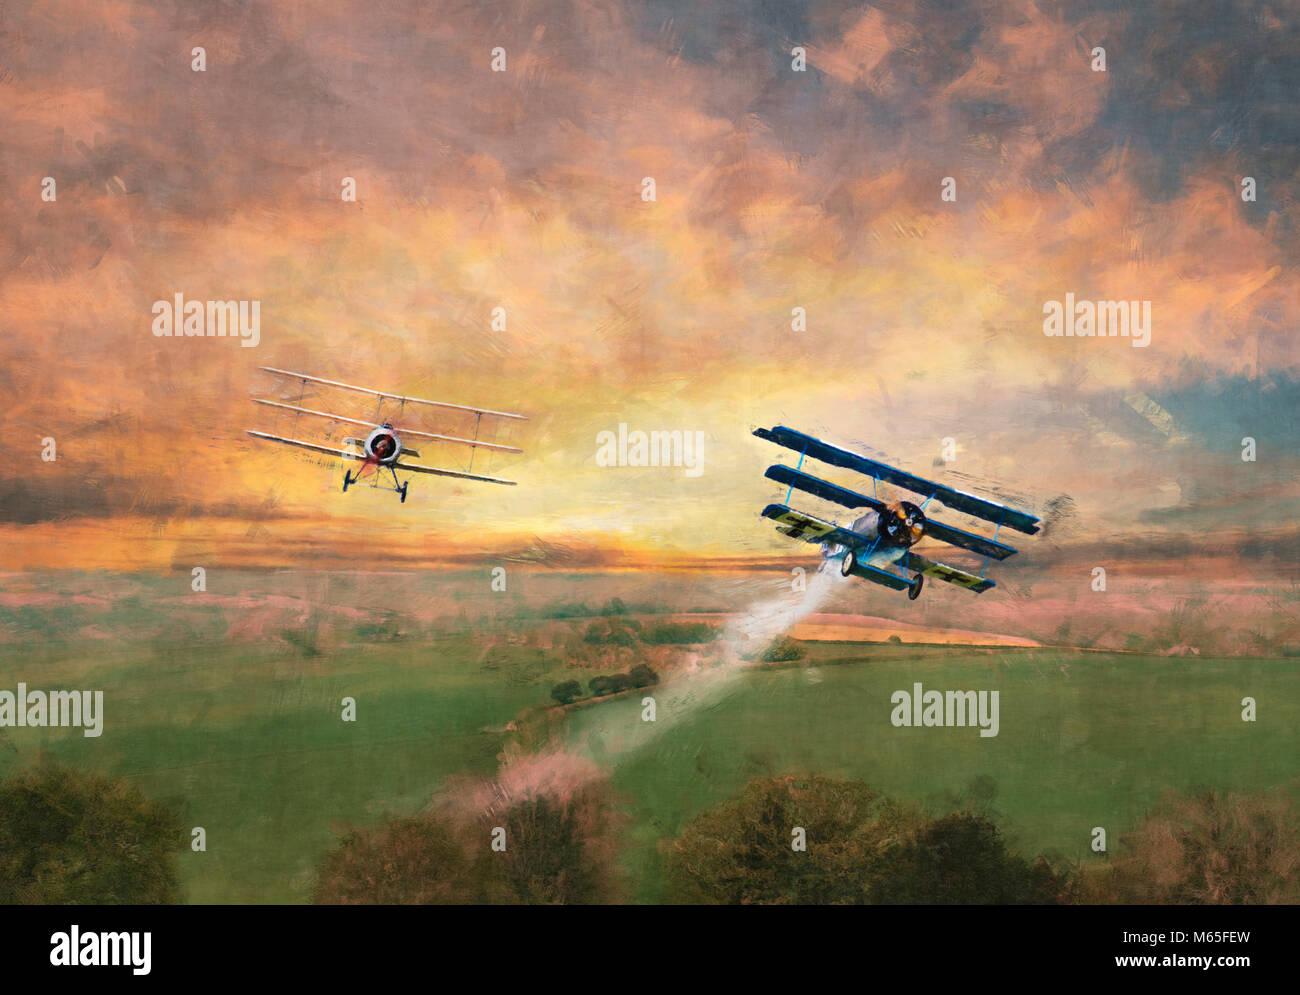 Digital geändert Bild einer Welt Krieg 1 Dogfight über die offene Landschaft Stockfoto